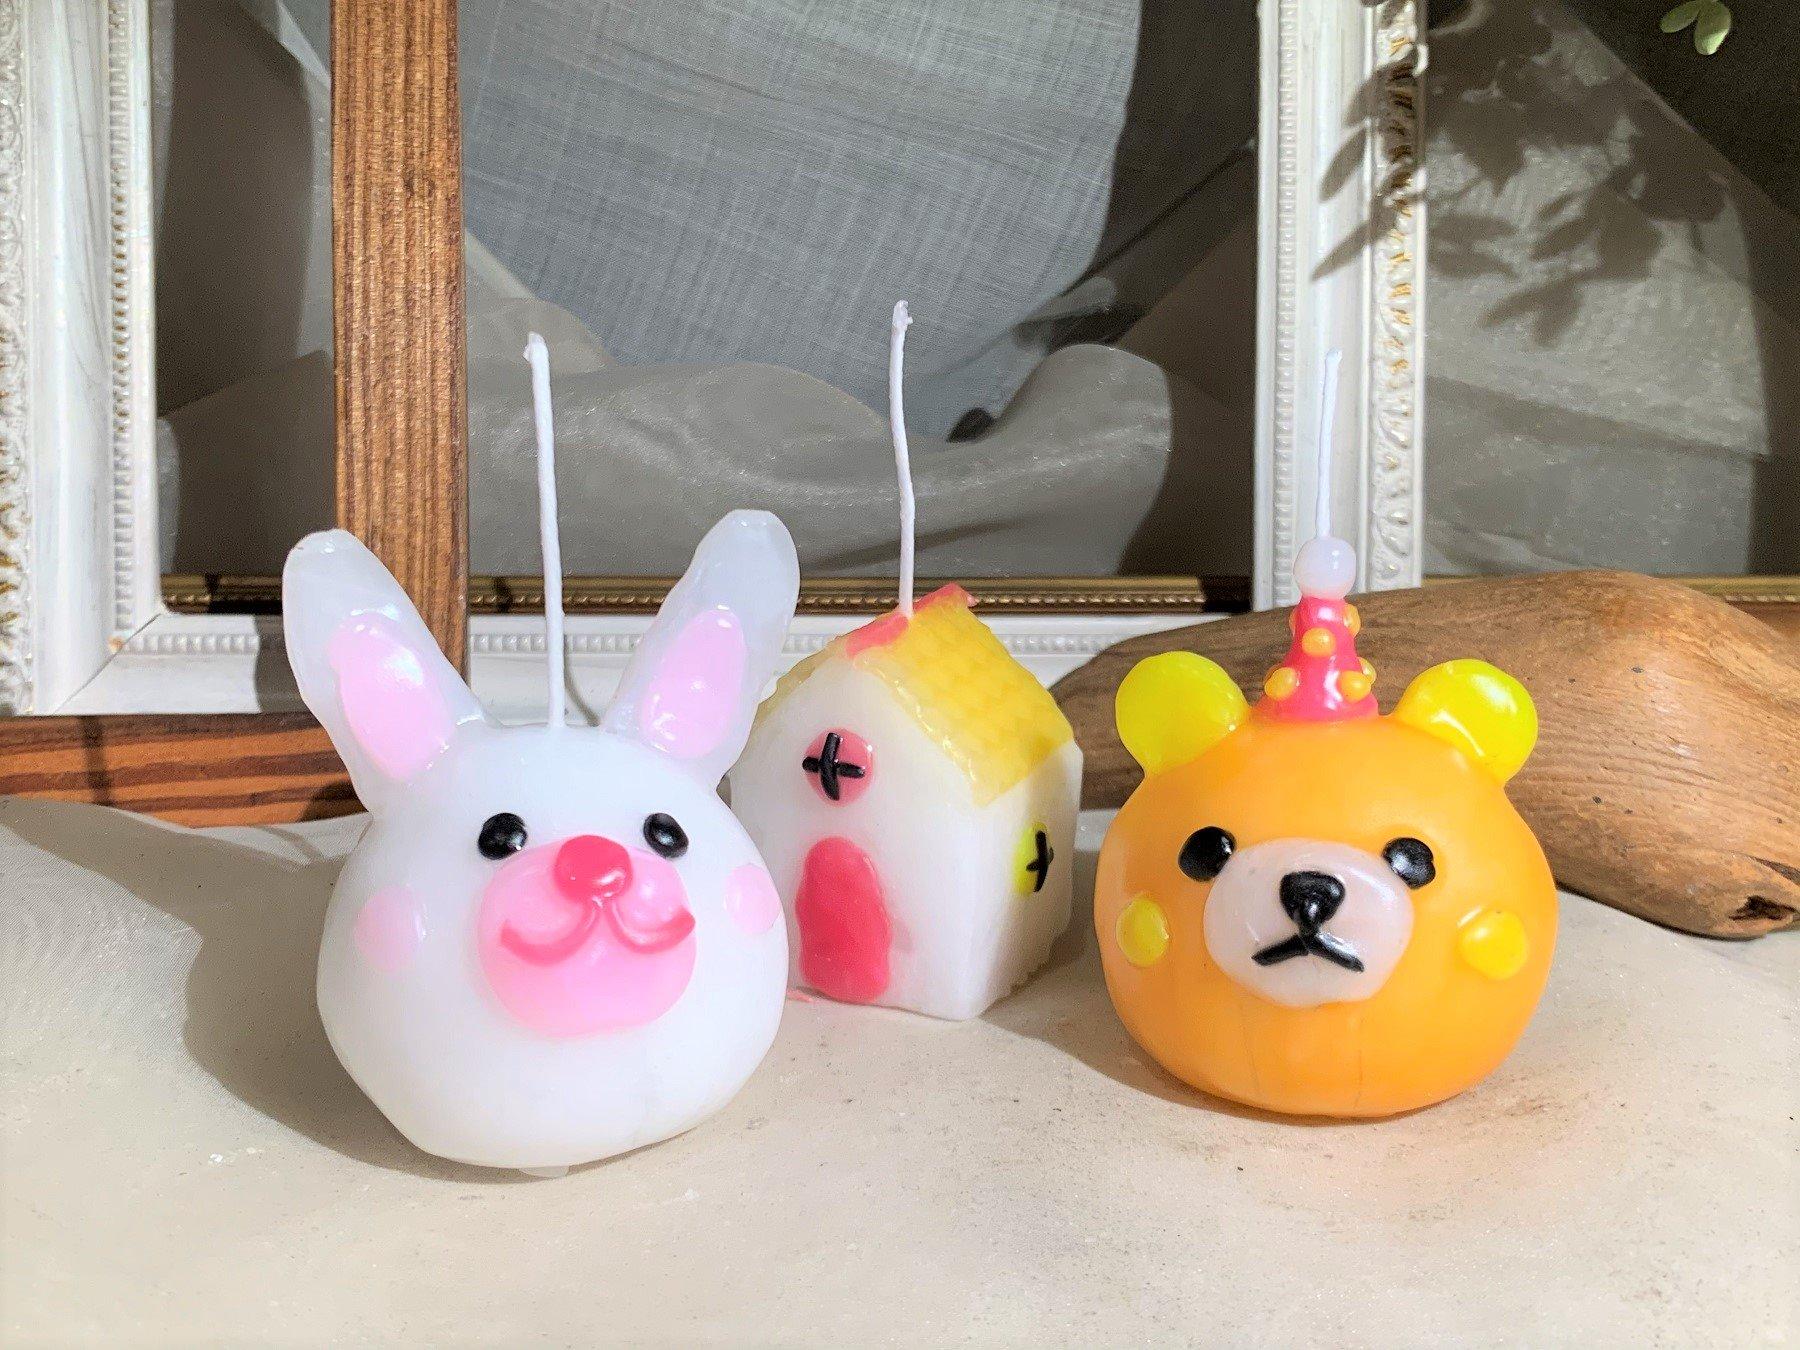 【HDC大阪 くらし向上計画】親子で楽しく作ろう♪ Cuteな動物キャンドル作り